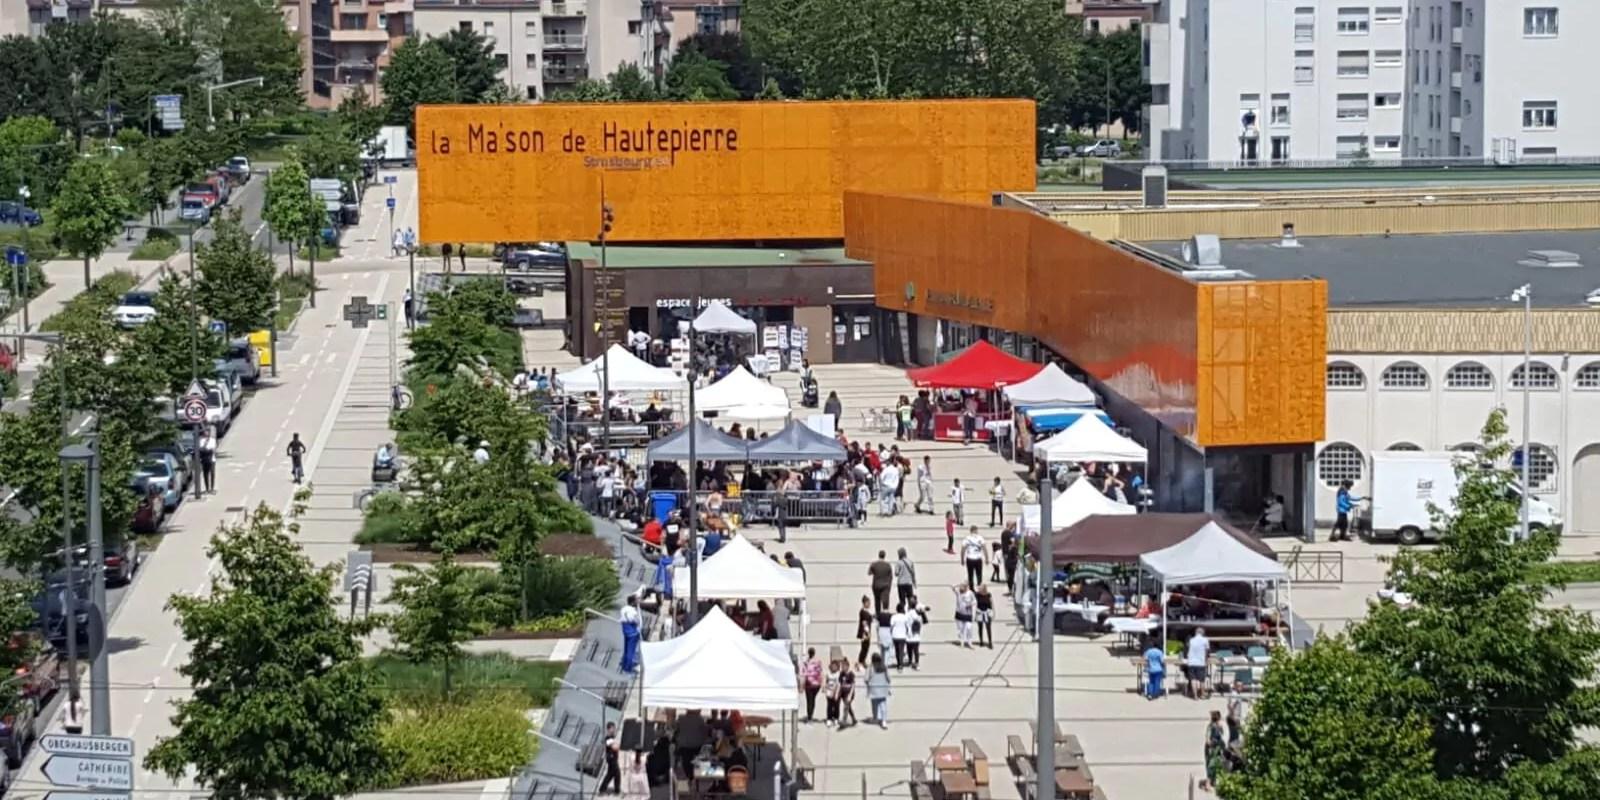 Visites de quartier, ateliers et spectacles : Hautepierre fête ses 50 ans